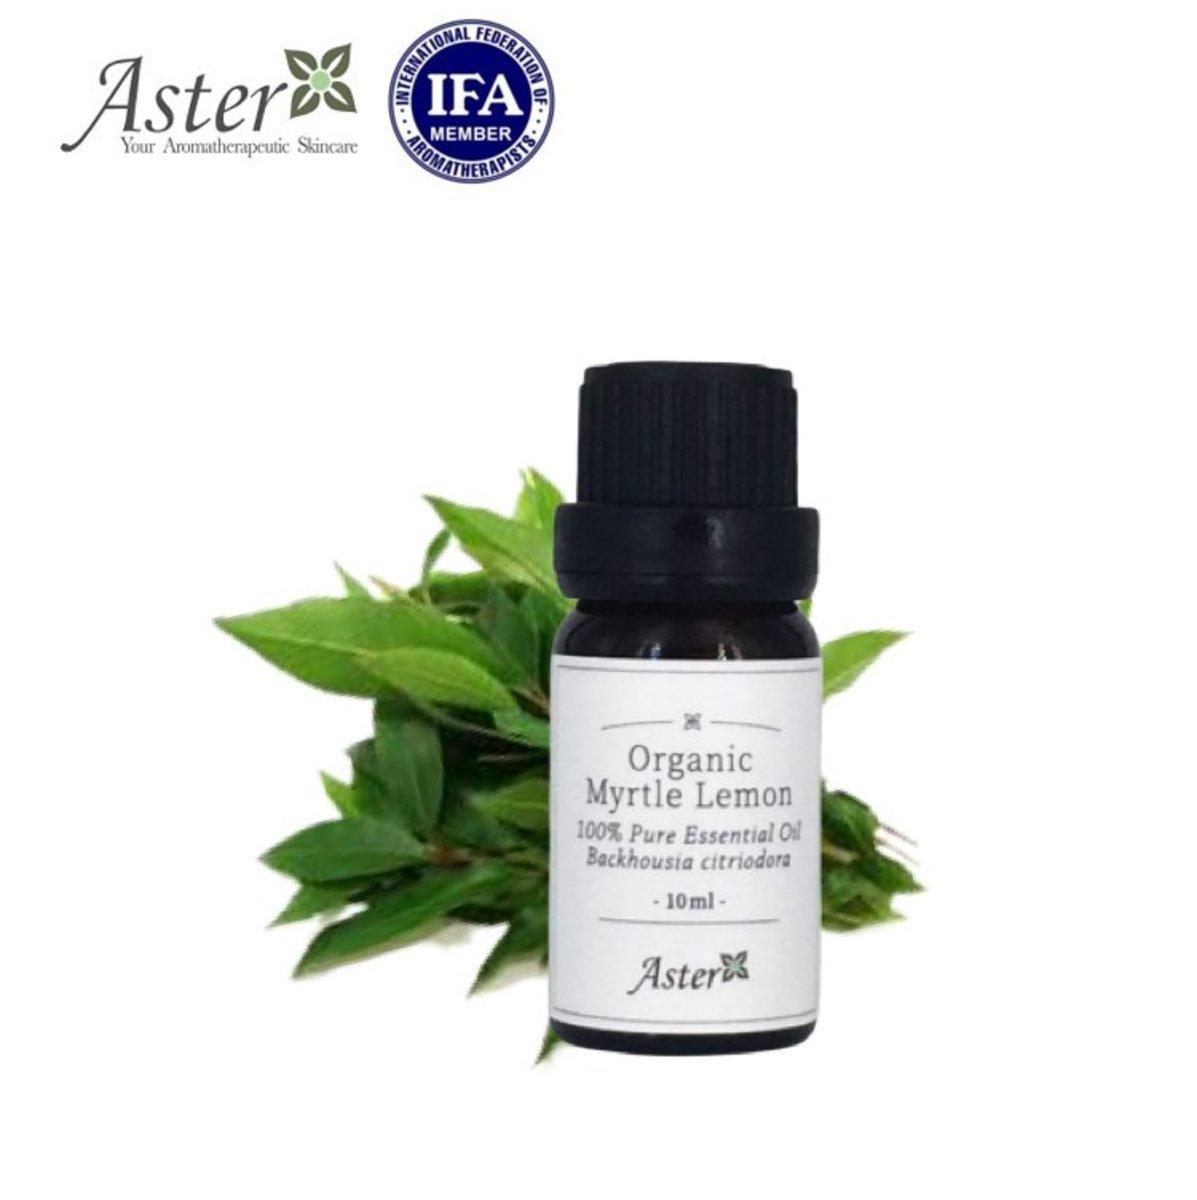 有機檸檬香桃葉香薰精油 (Backhousia citriodora) - 10ml